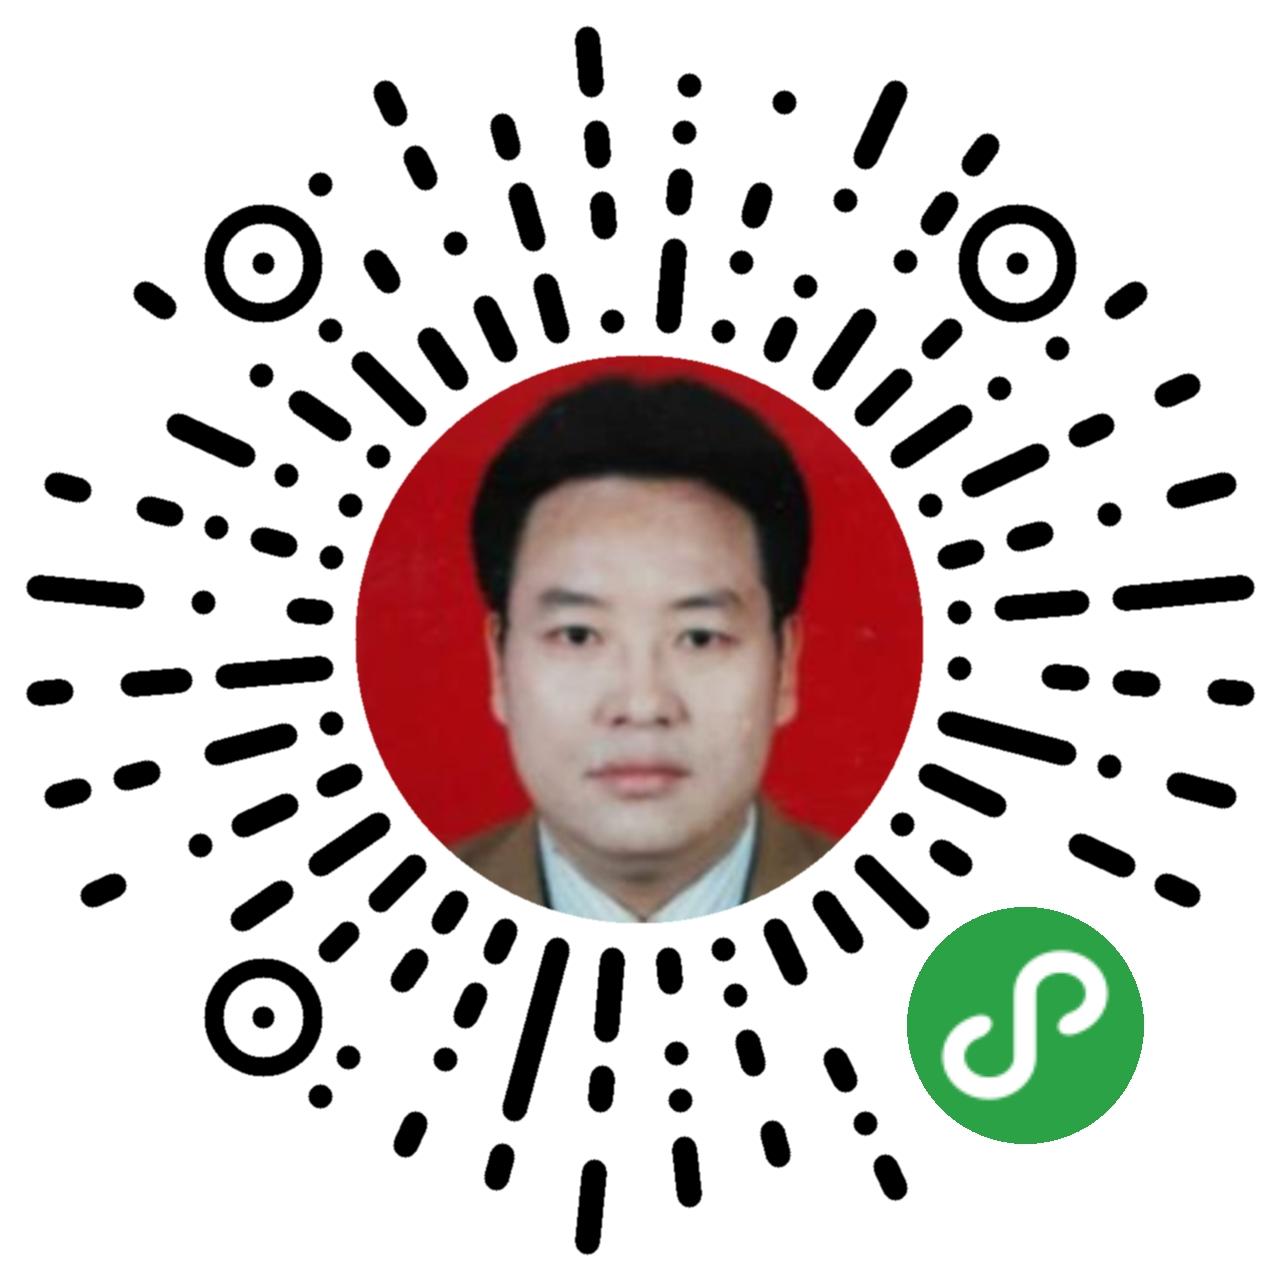 郑州律师胡兴成二维码